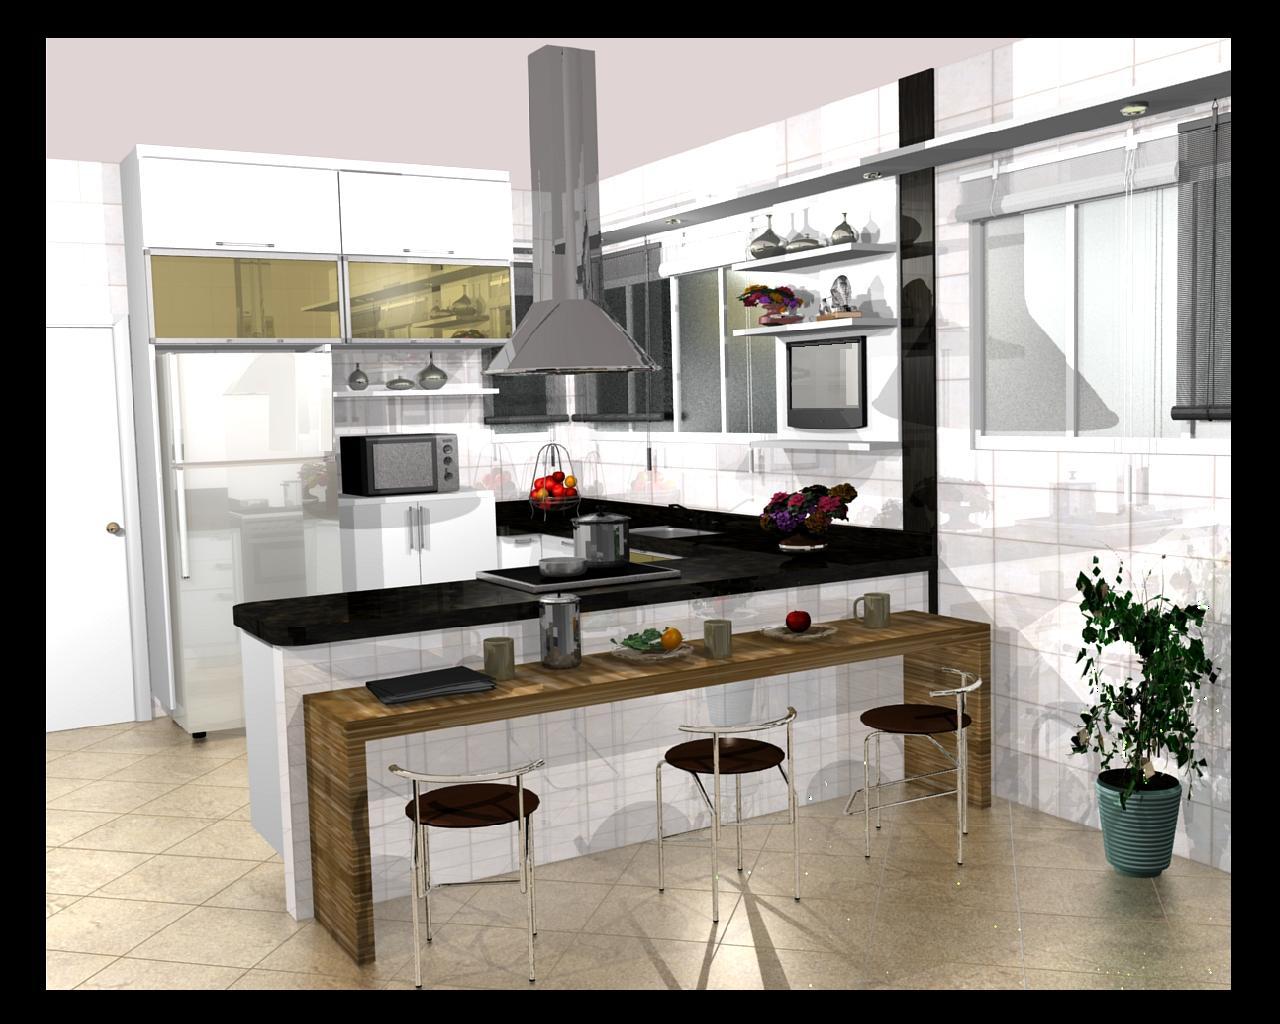 #61492D quarta feira 16 de fevereiro de 2011 1280x1024 px Projetos De Cozinhas Externas Pequenas #565 imagens